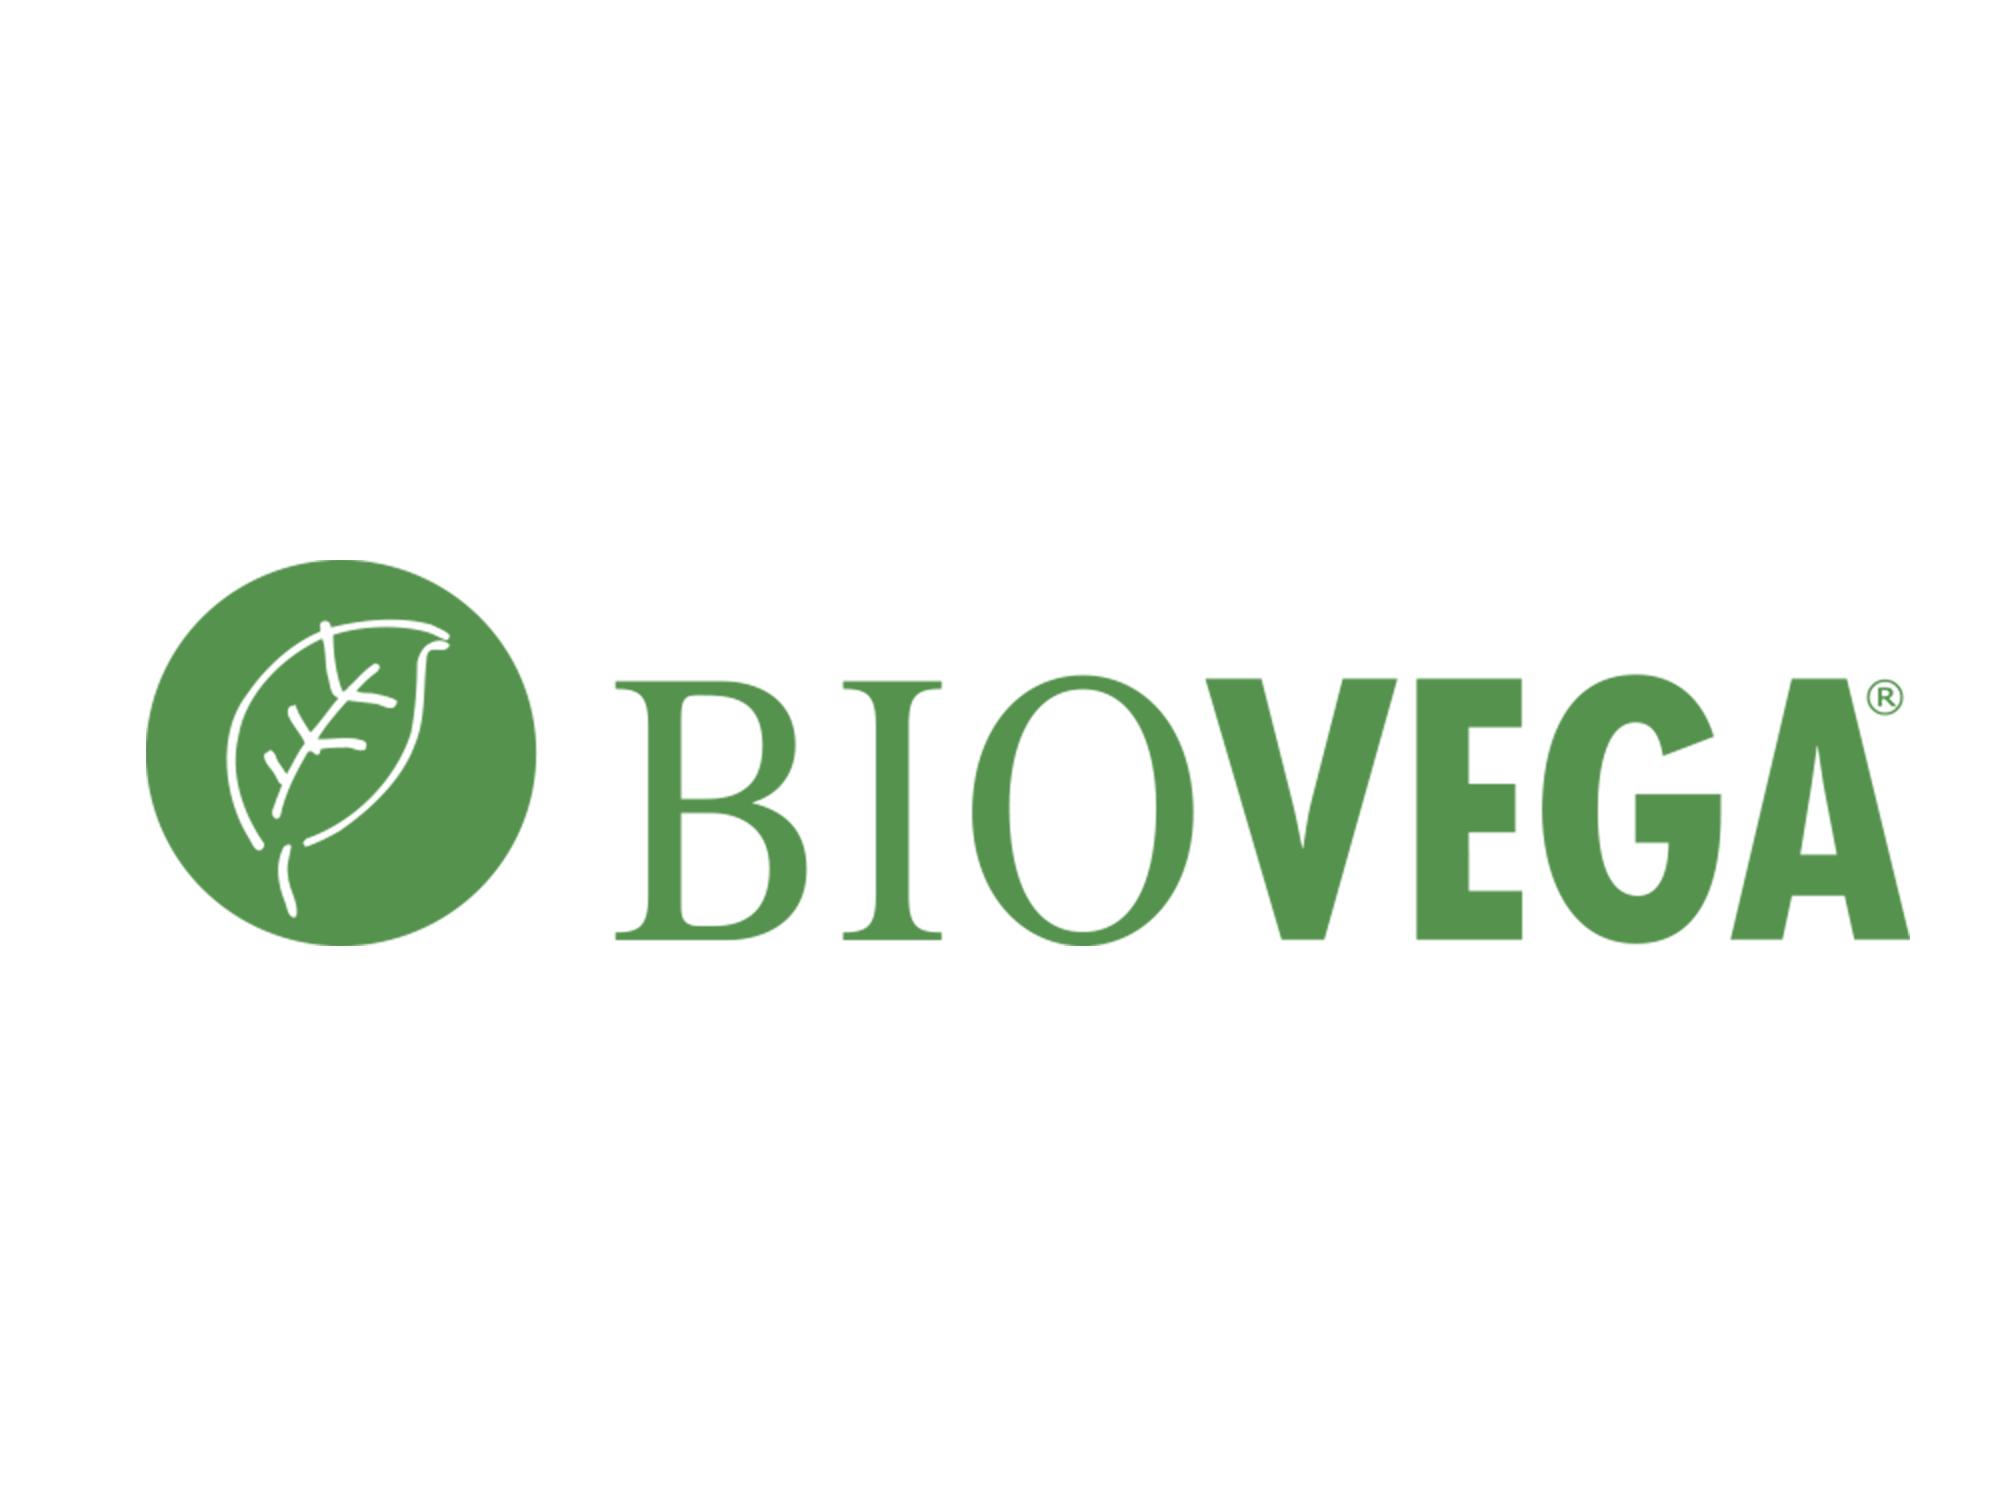 biovega2logo.png